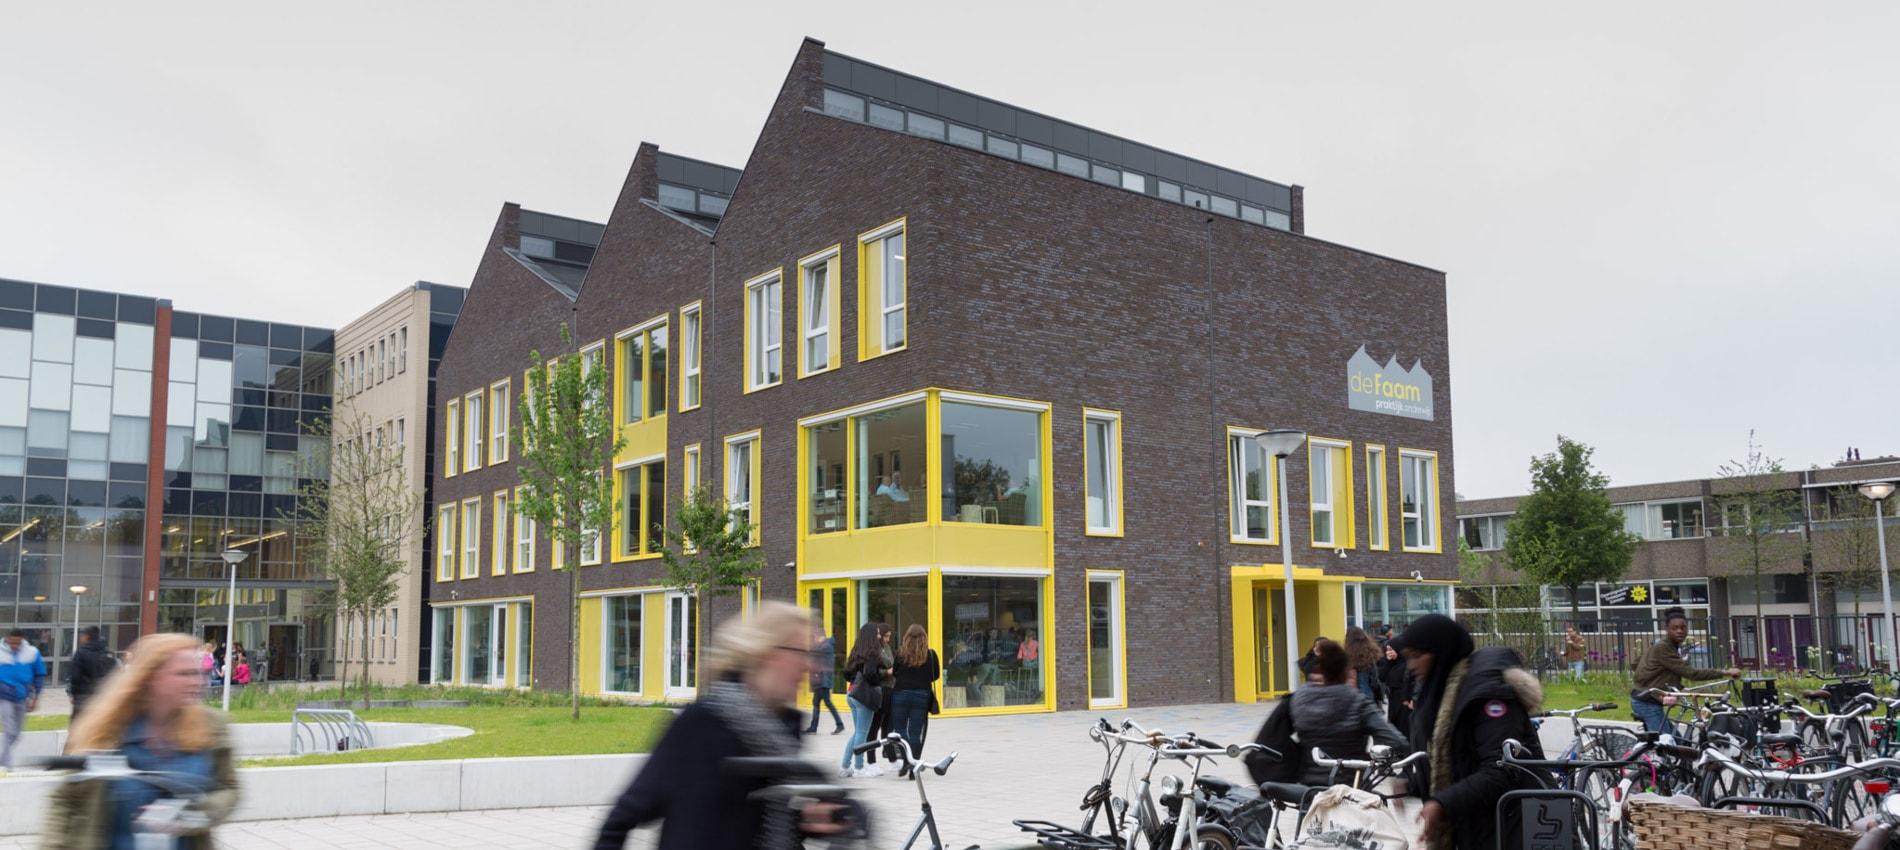 Zaandam Praktijkschool De Faam Van Egmond, Architecten